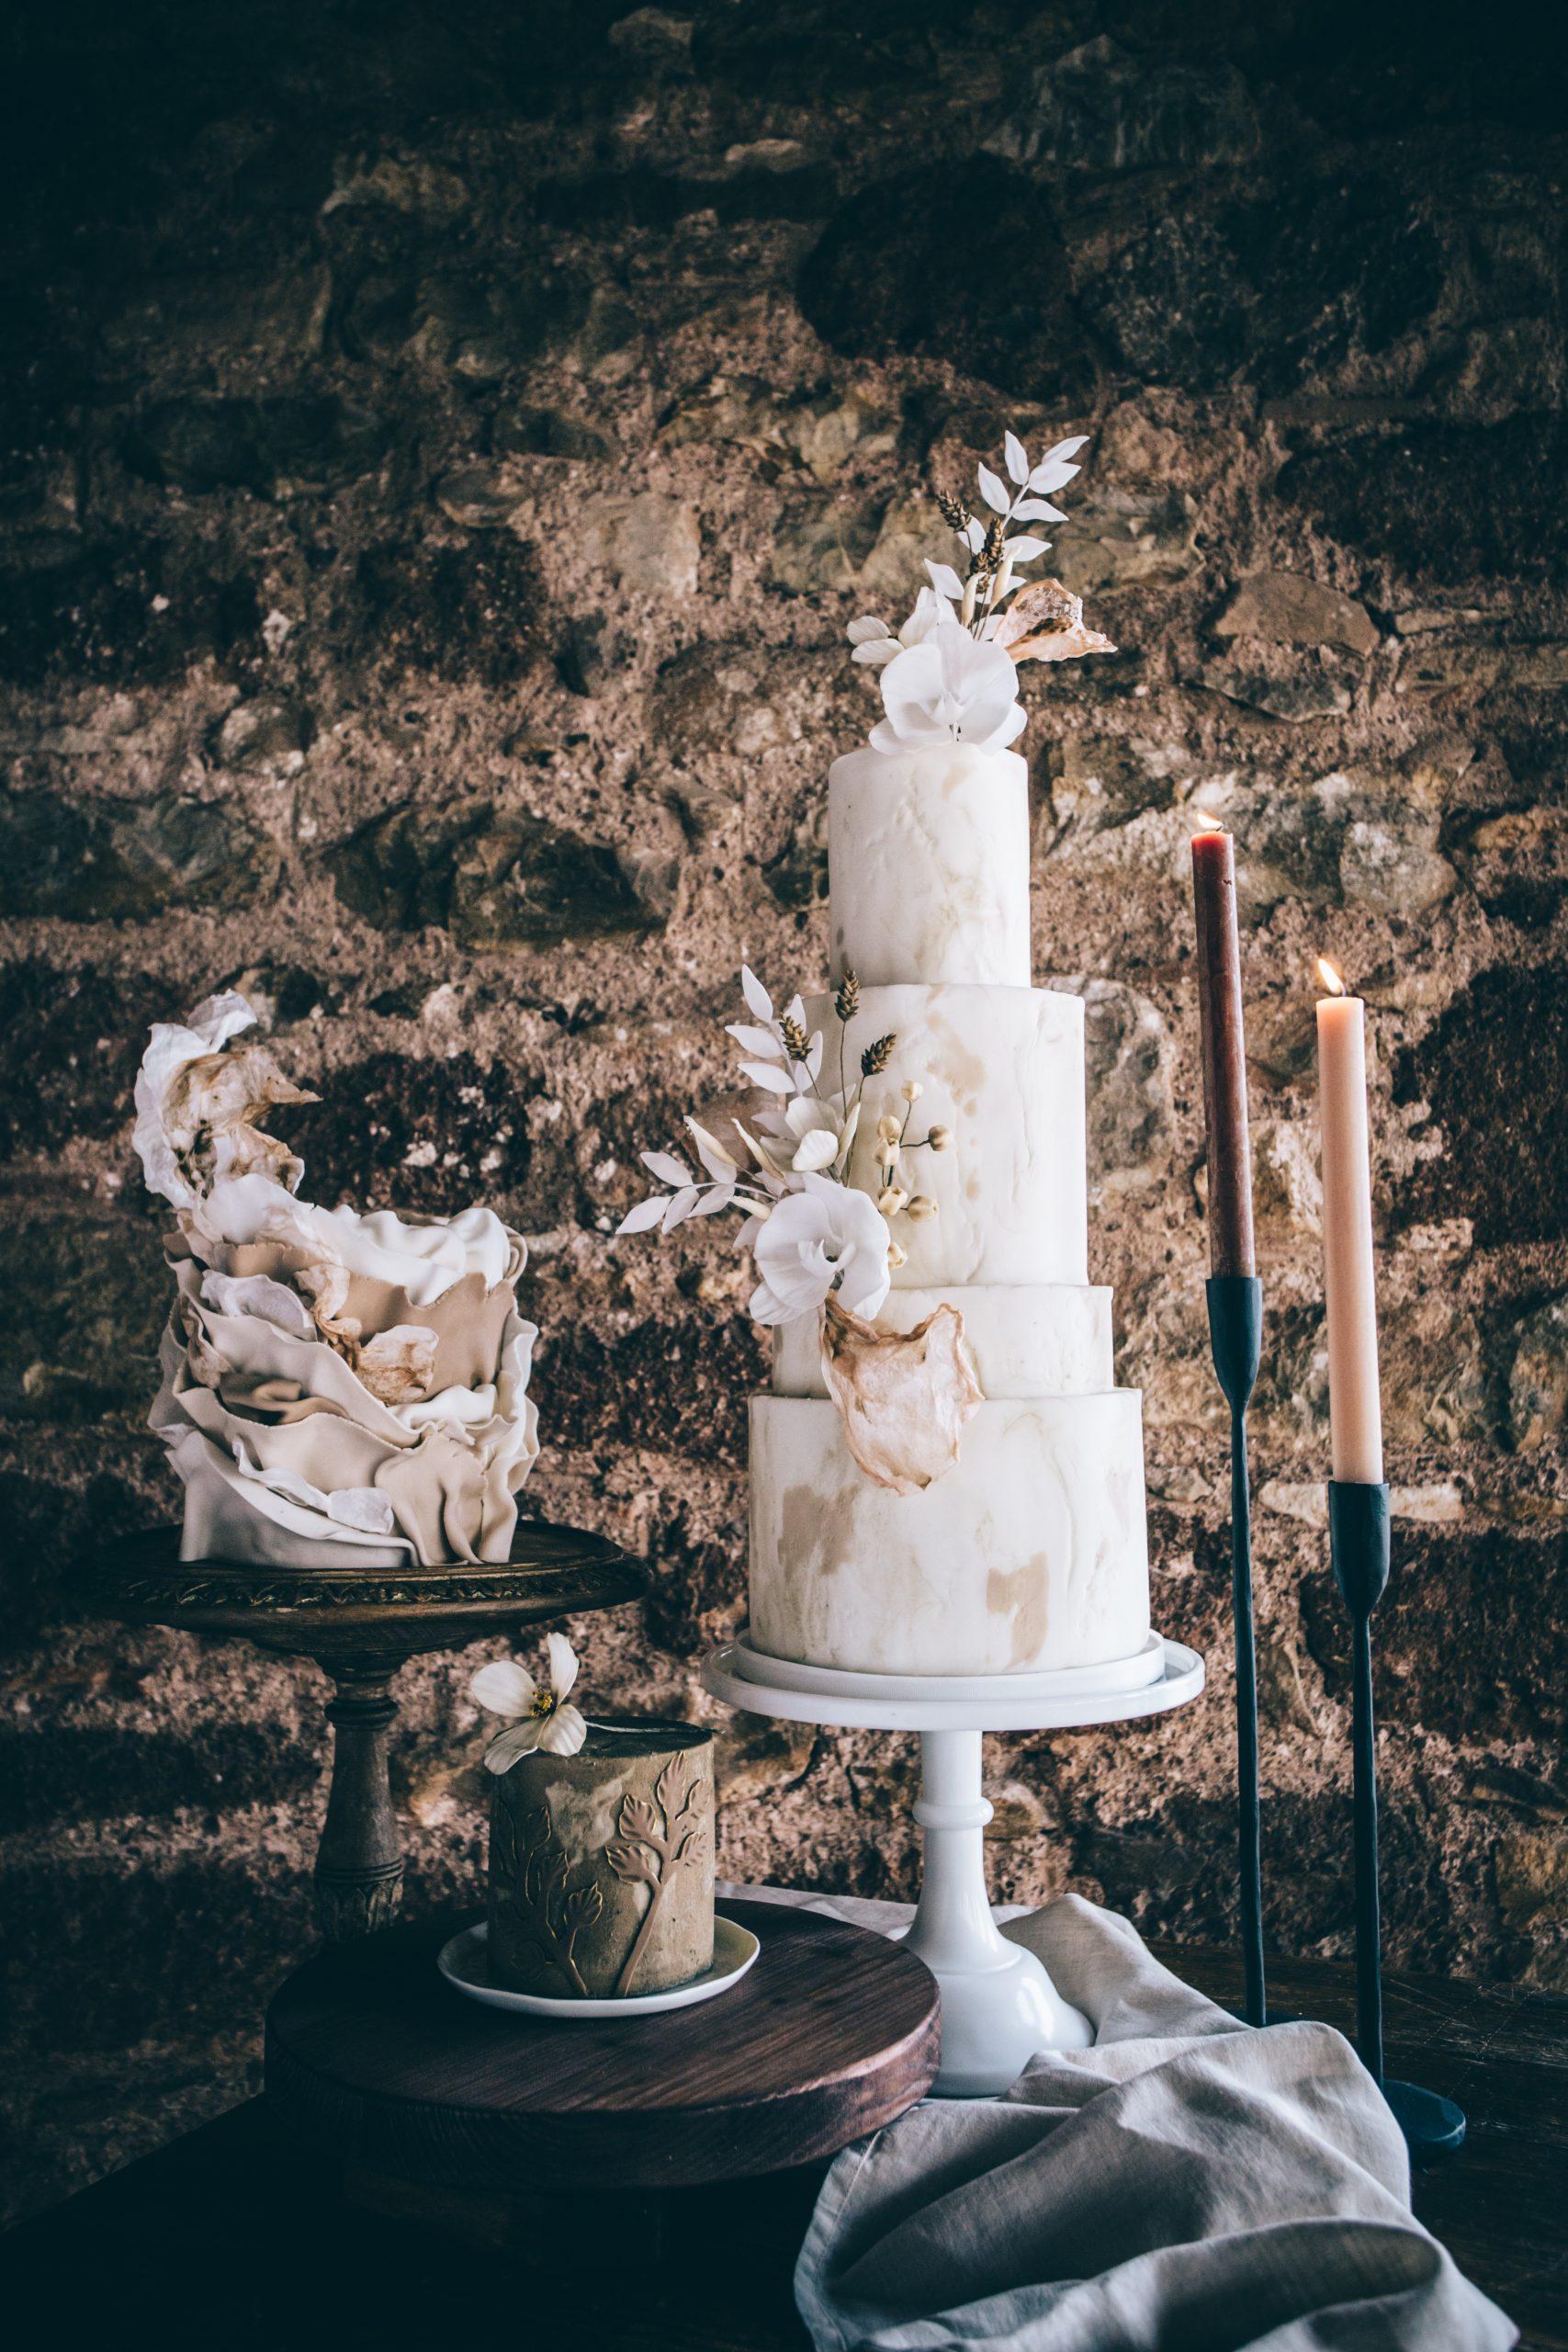 boho luxe ruffled wedding cake tiered wedding cake